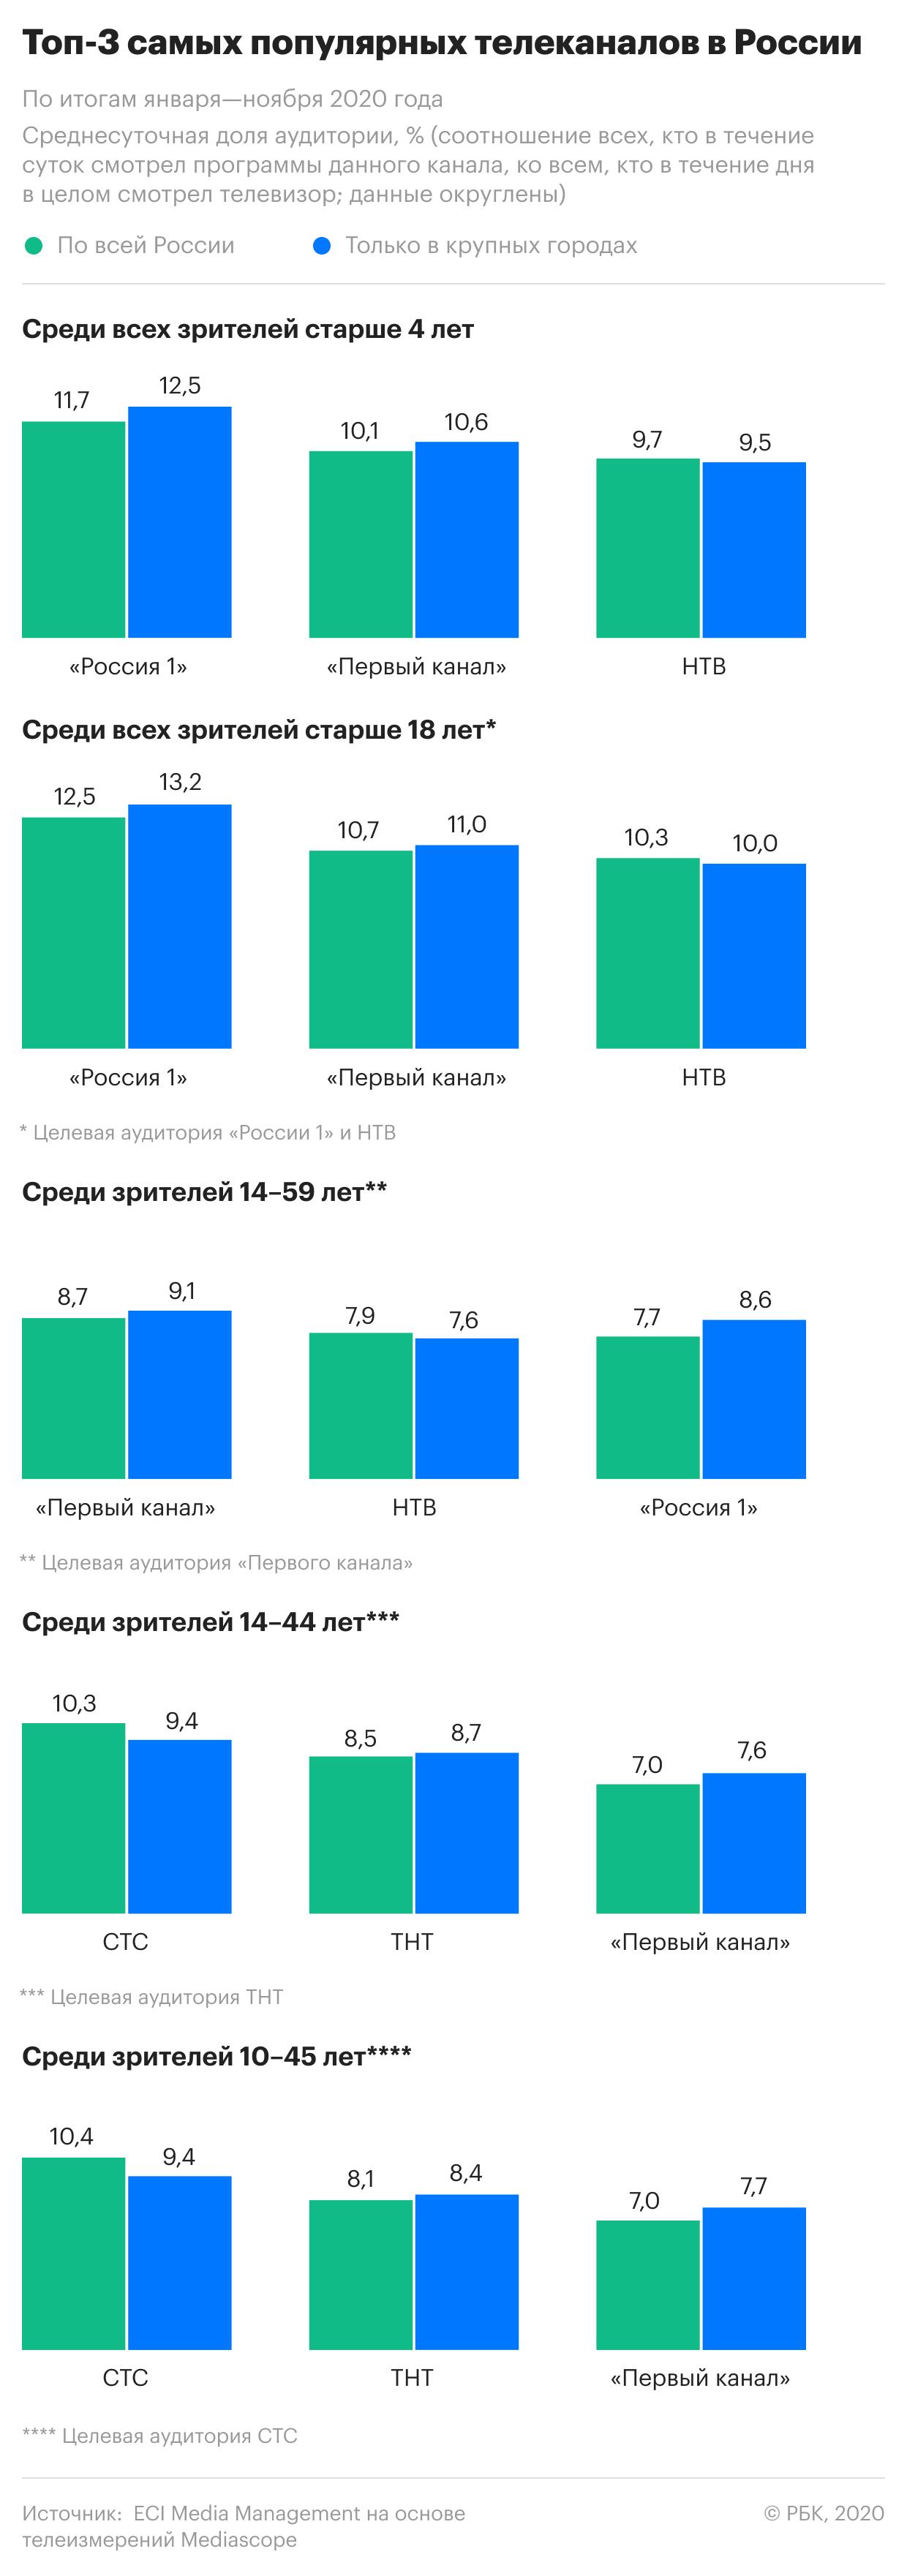 Самые популярные у россиян телеканалы. Инфографика